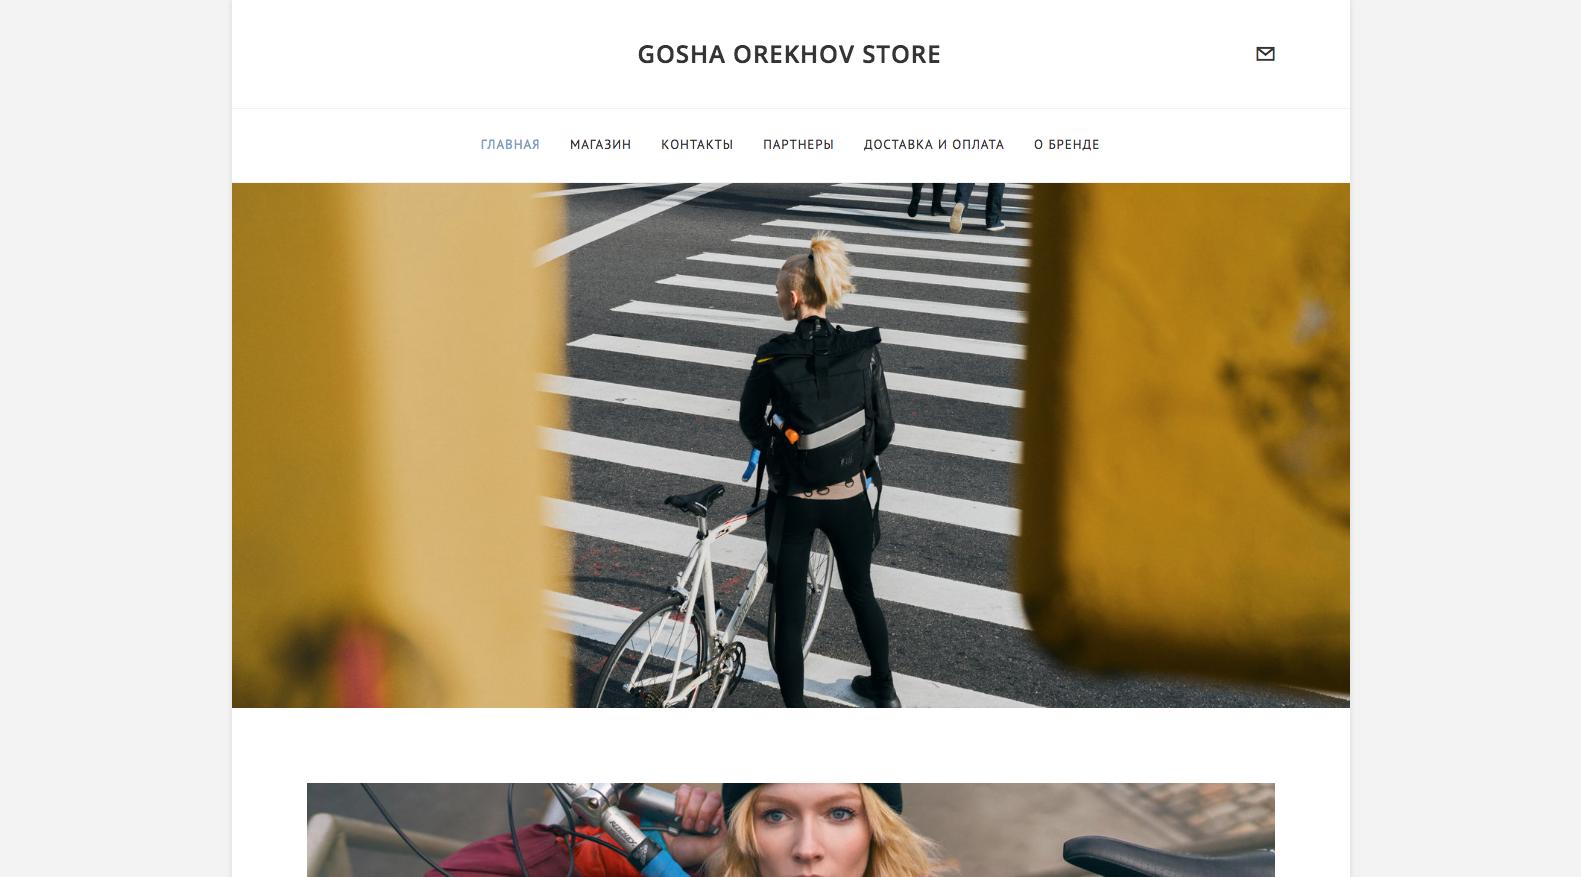 GOSHA OREKHOV BAGS